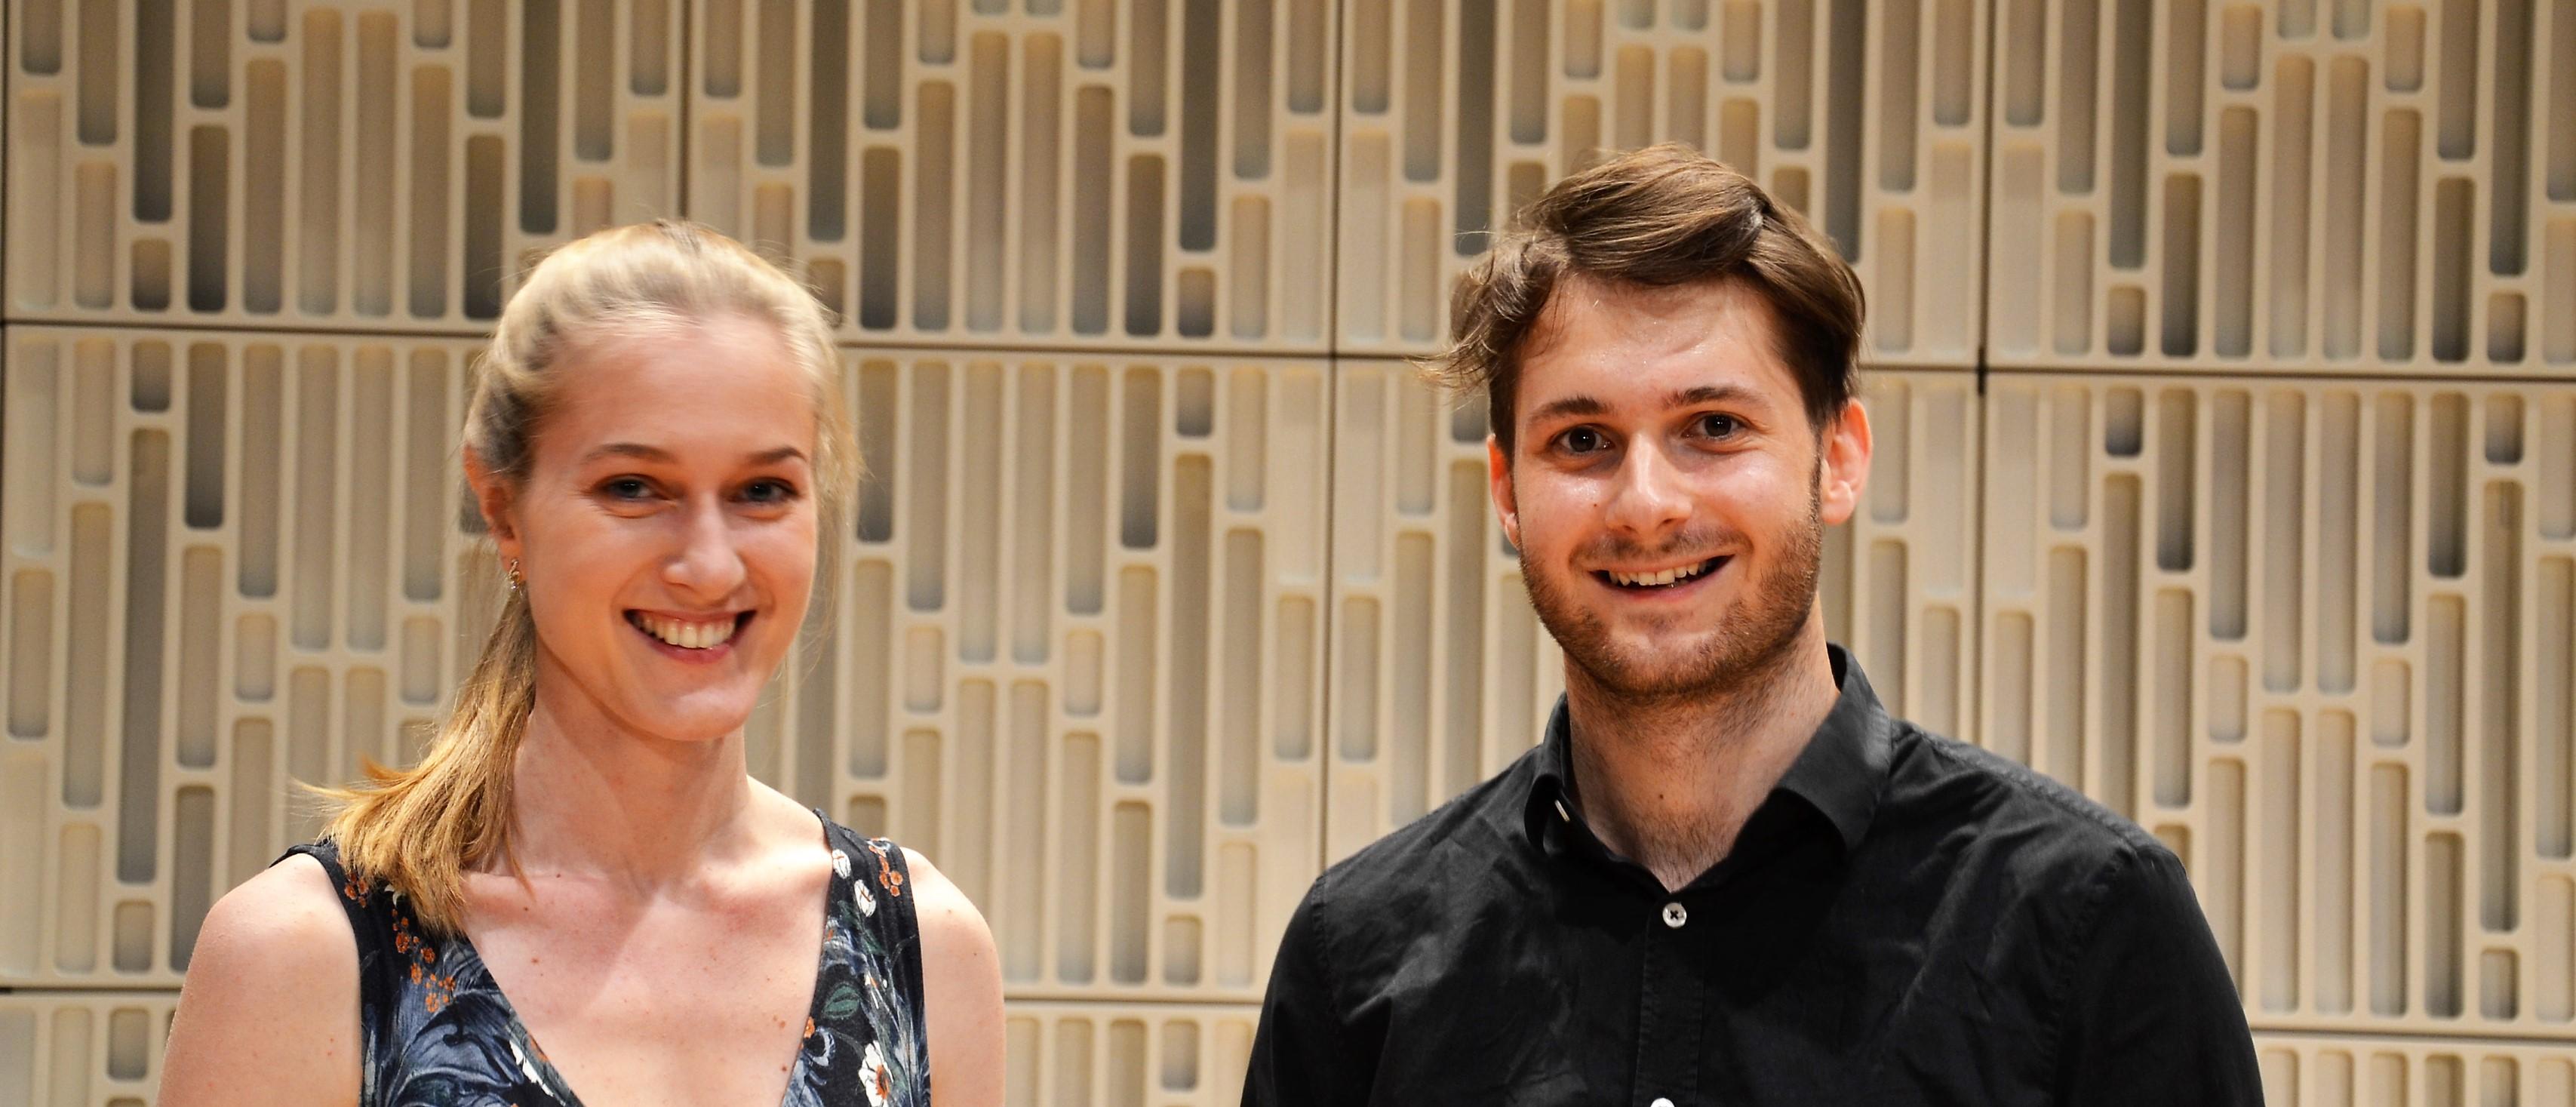 Anna Maier und Sebastian Galli bei Klassik in Jeans am Freitag, 28. Mai 2021, 19:00 Uhr